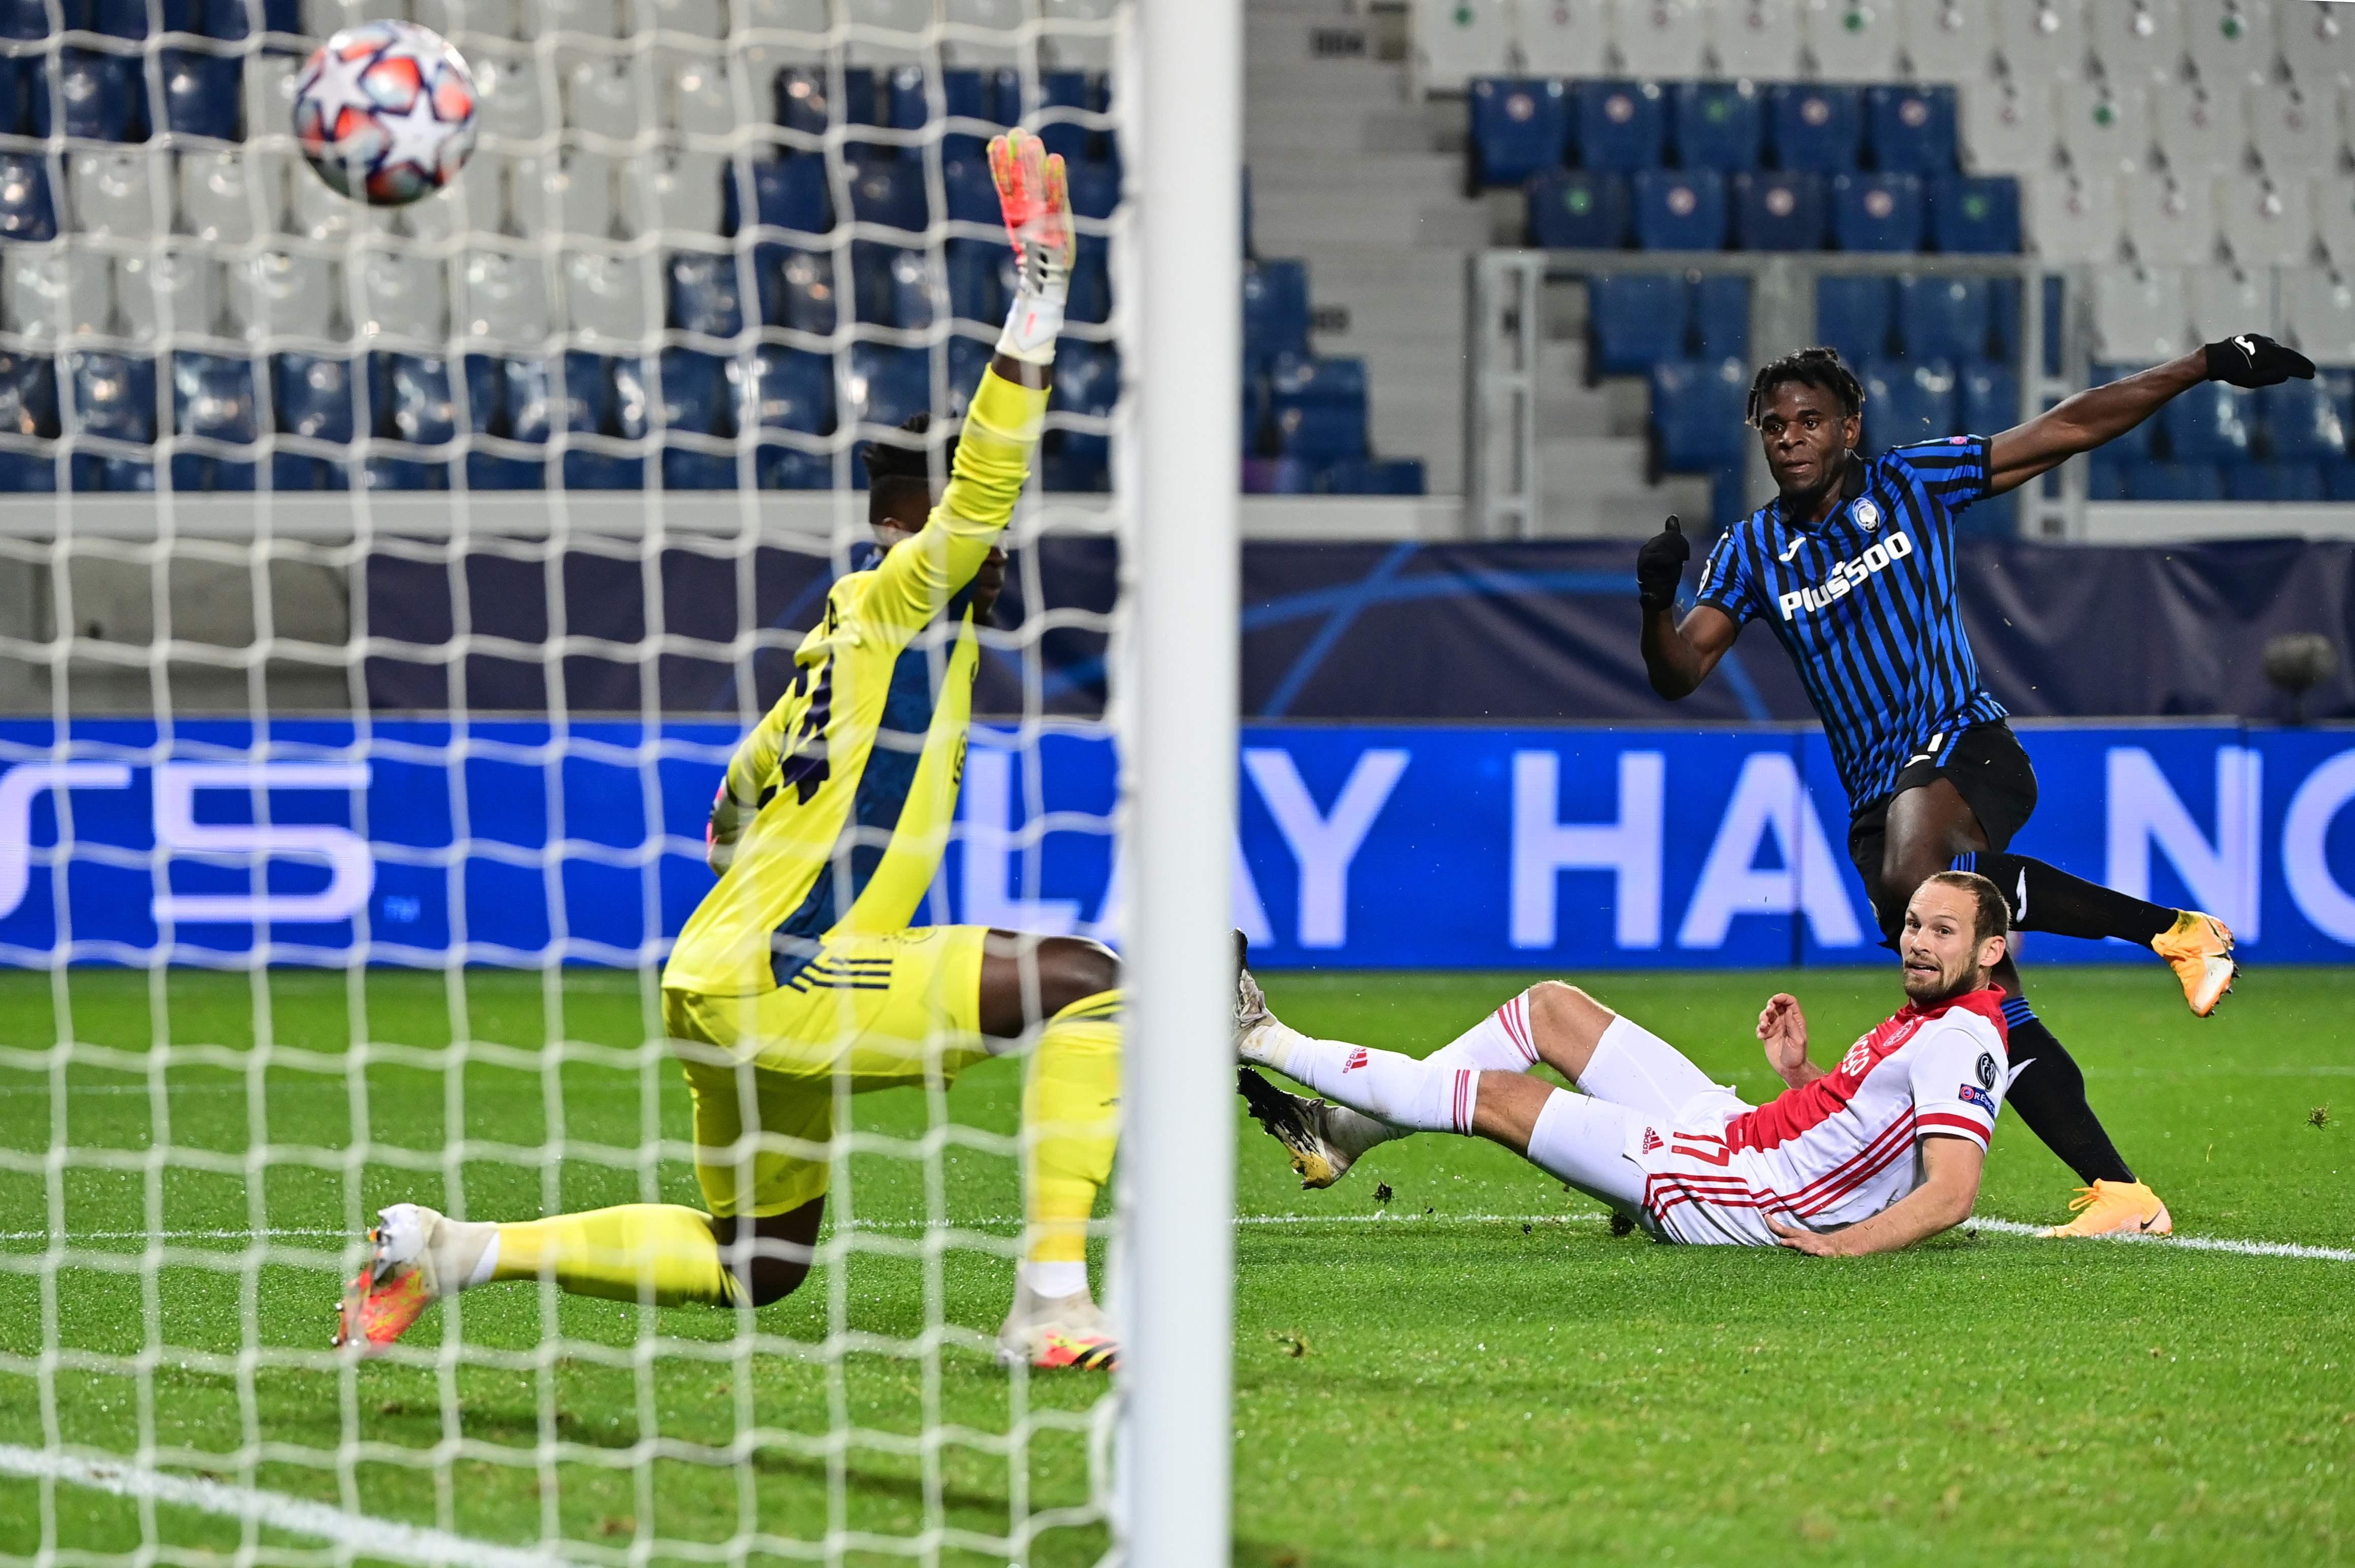 Ajax laat winst glippen in Bergamo, op rozen halverwege maar slechts een puntje aan het eind tegen Atalanta [video]